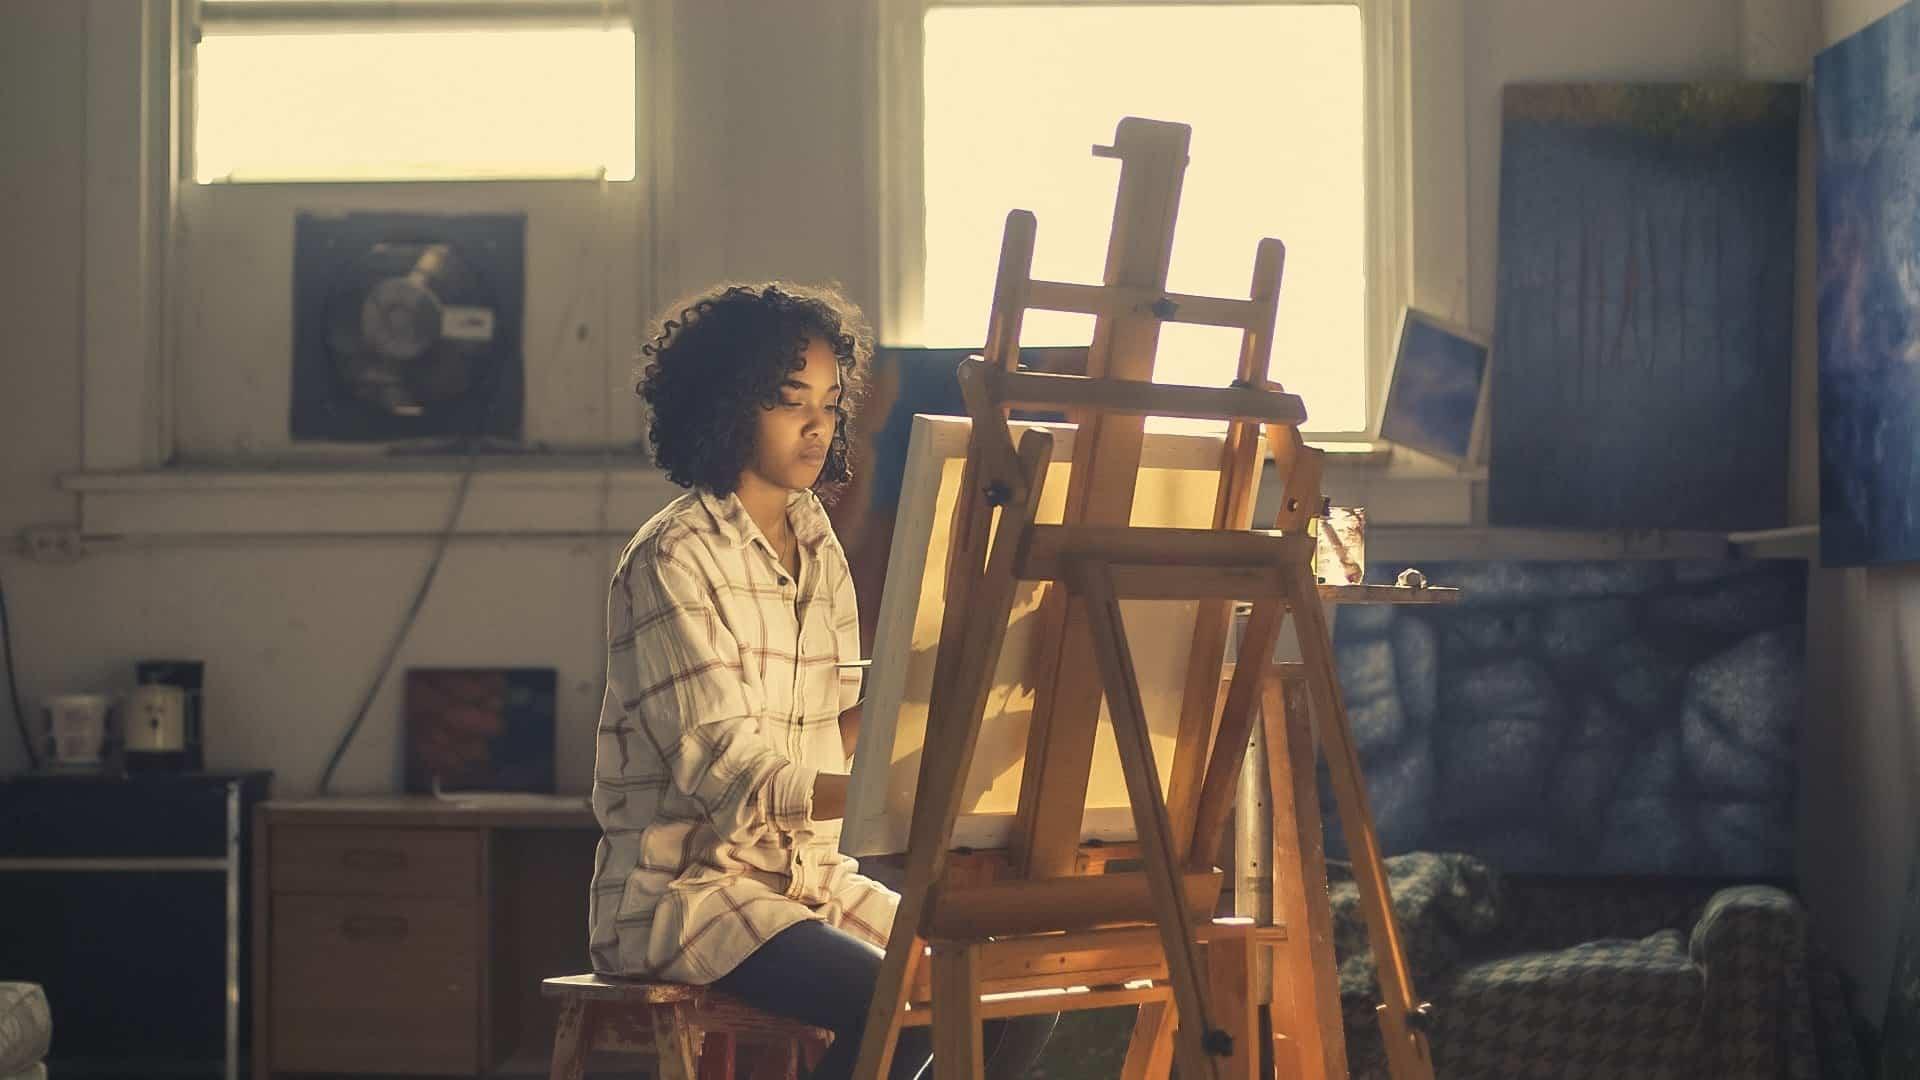 Mulher em uma sala. Ela está sentada de frente para um cavalete, pintando uma tela.